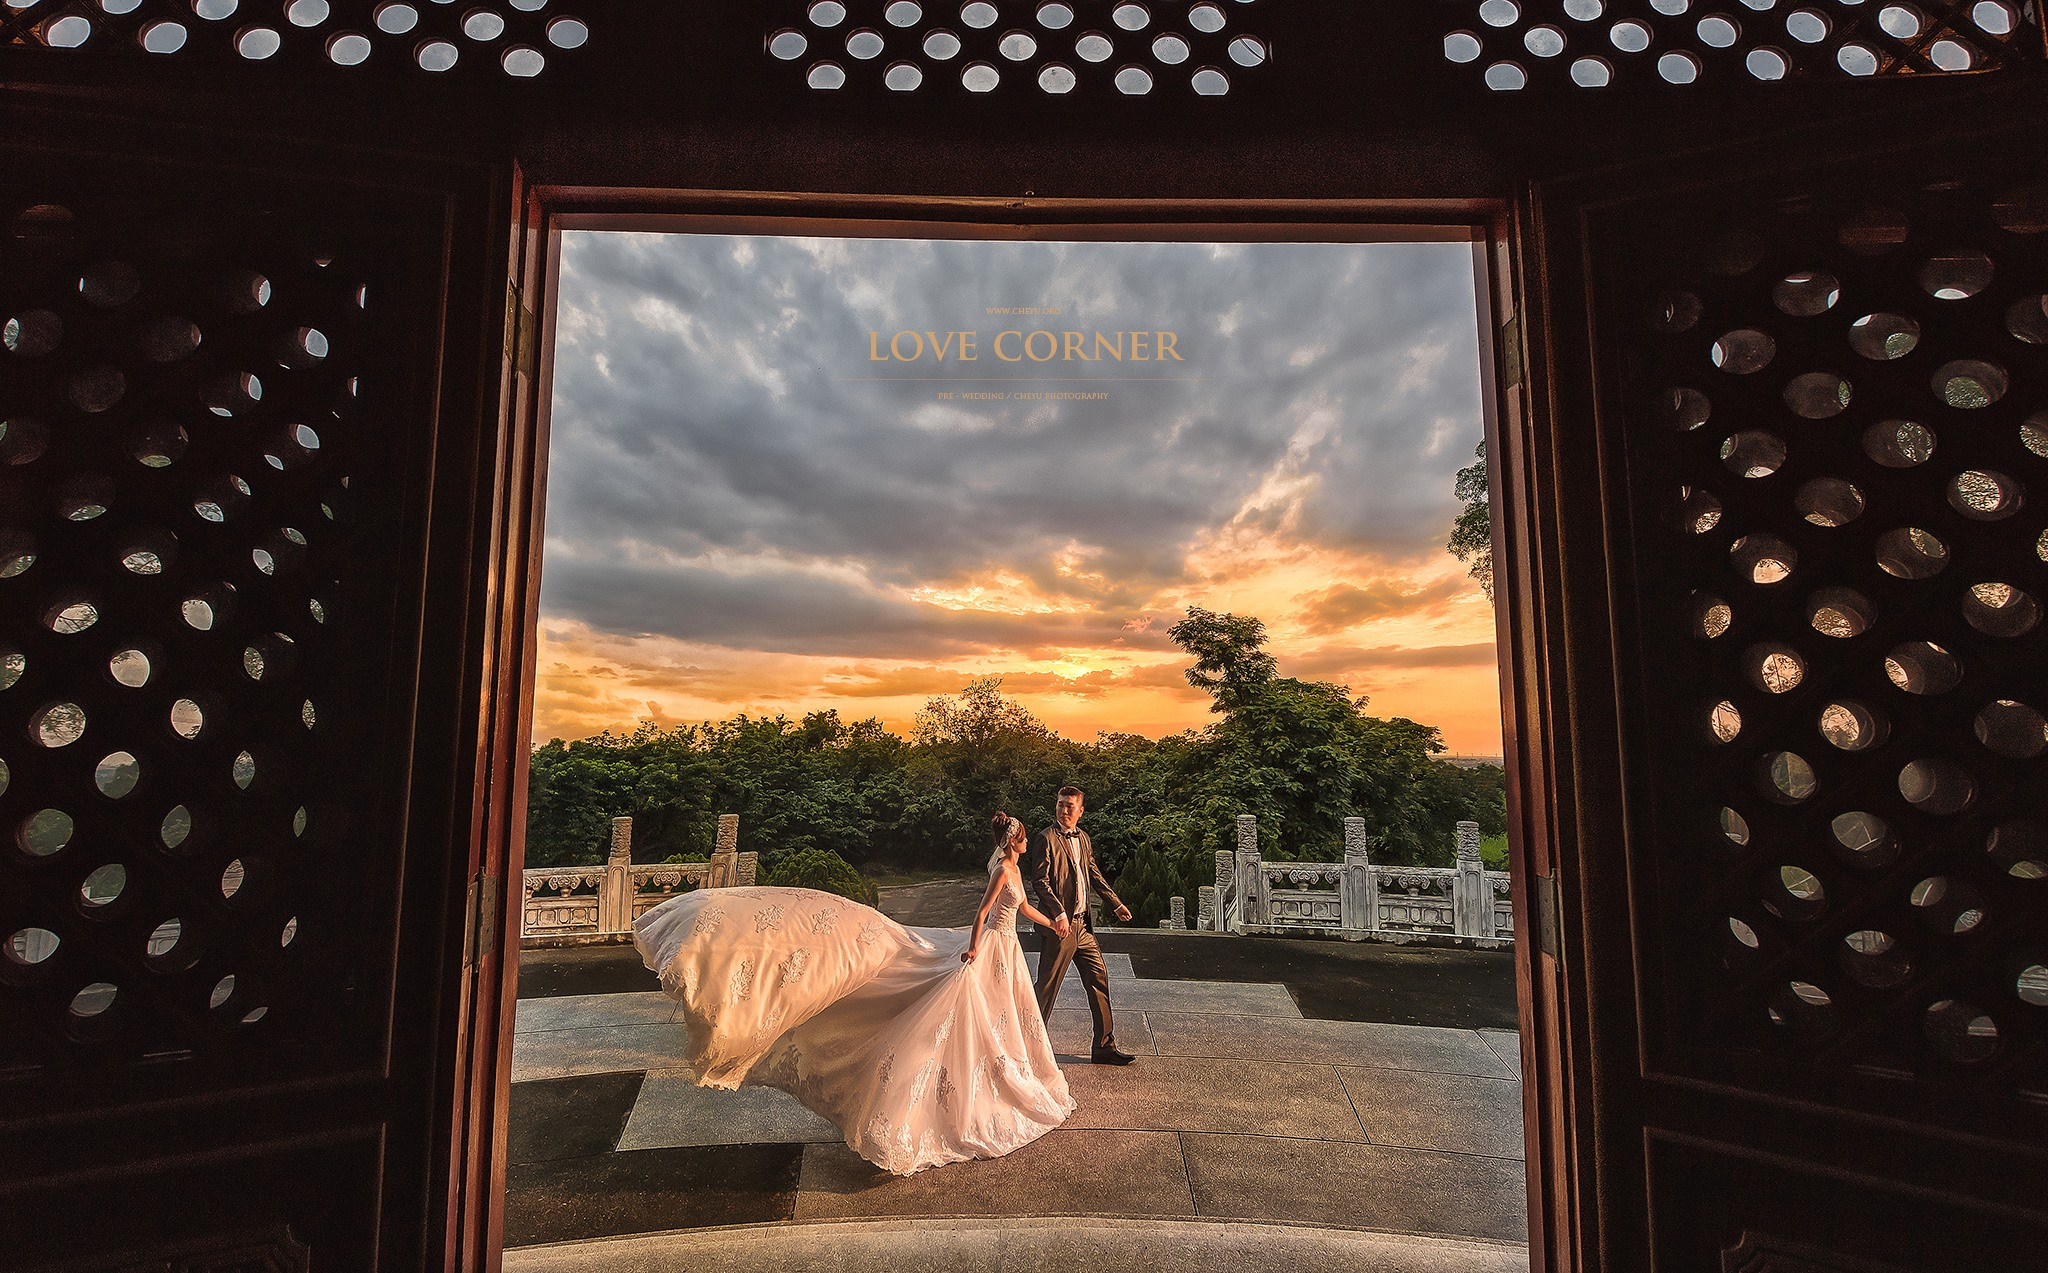 台南 烏山頭 婚紗 澤于 愛情街角